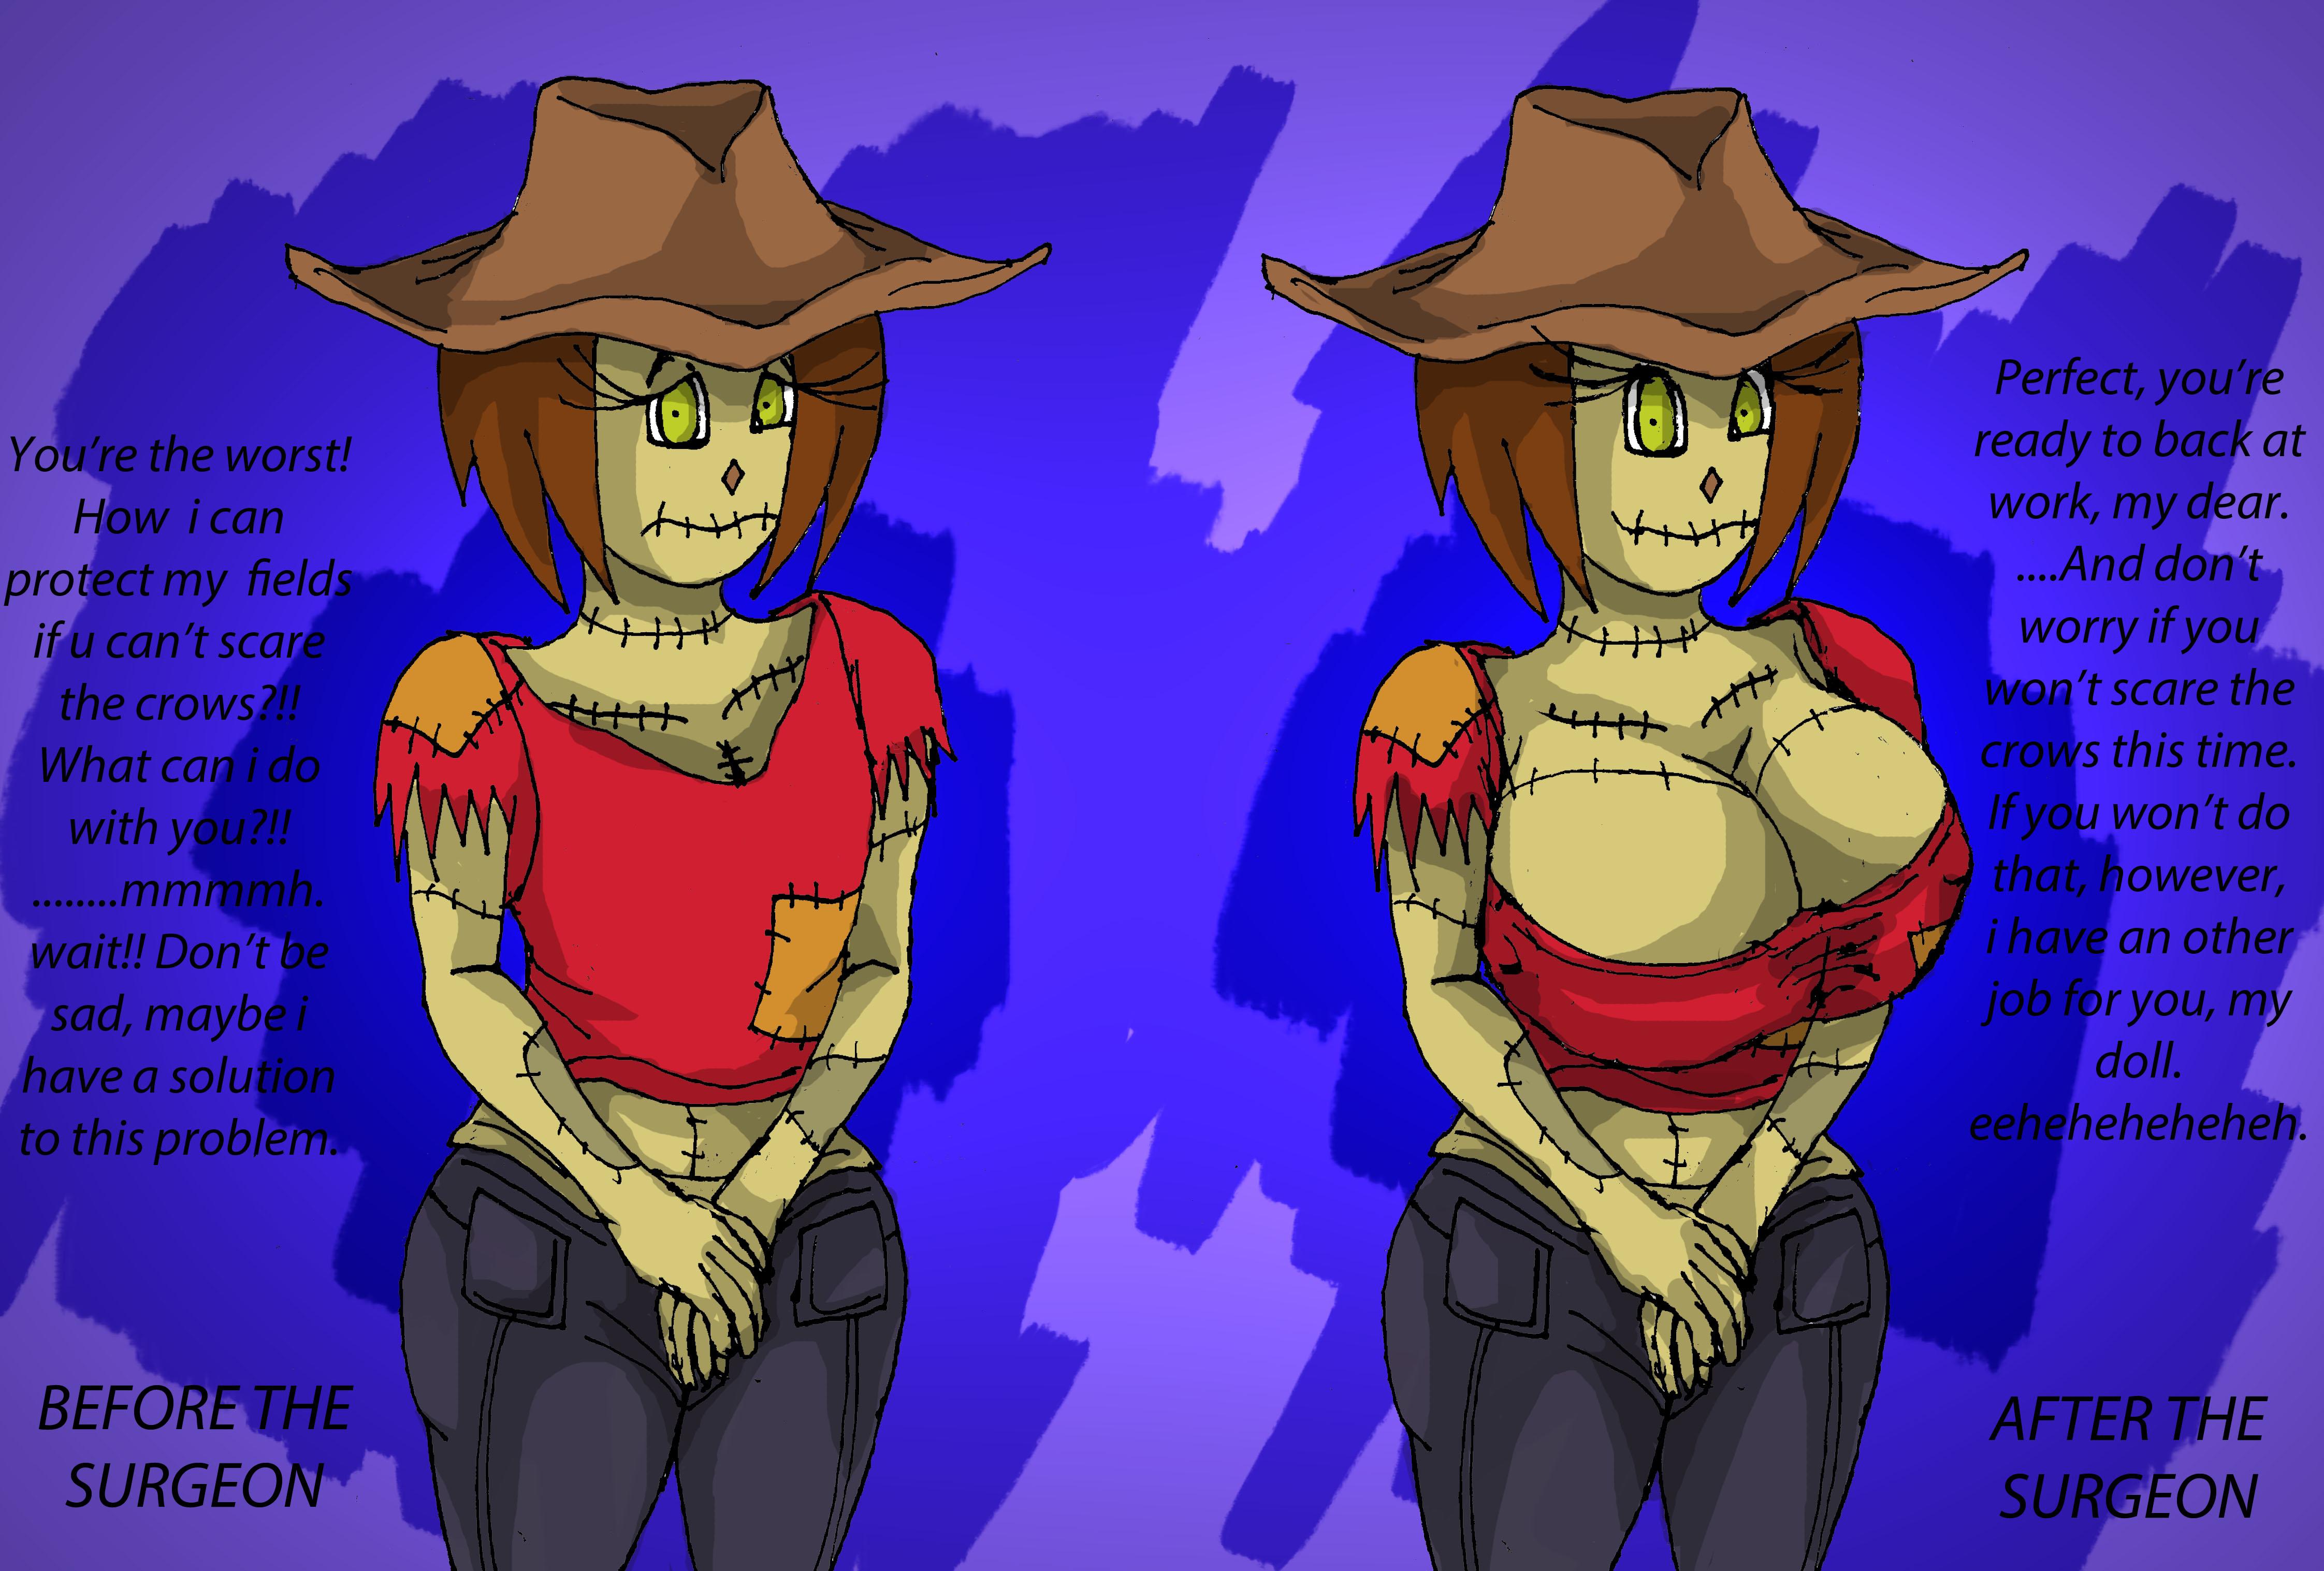 My dear scarecrow